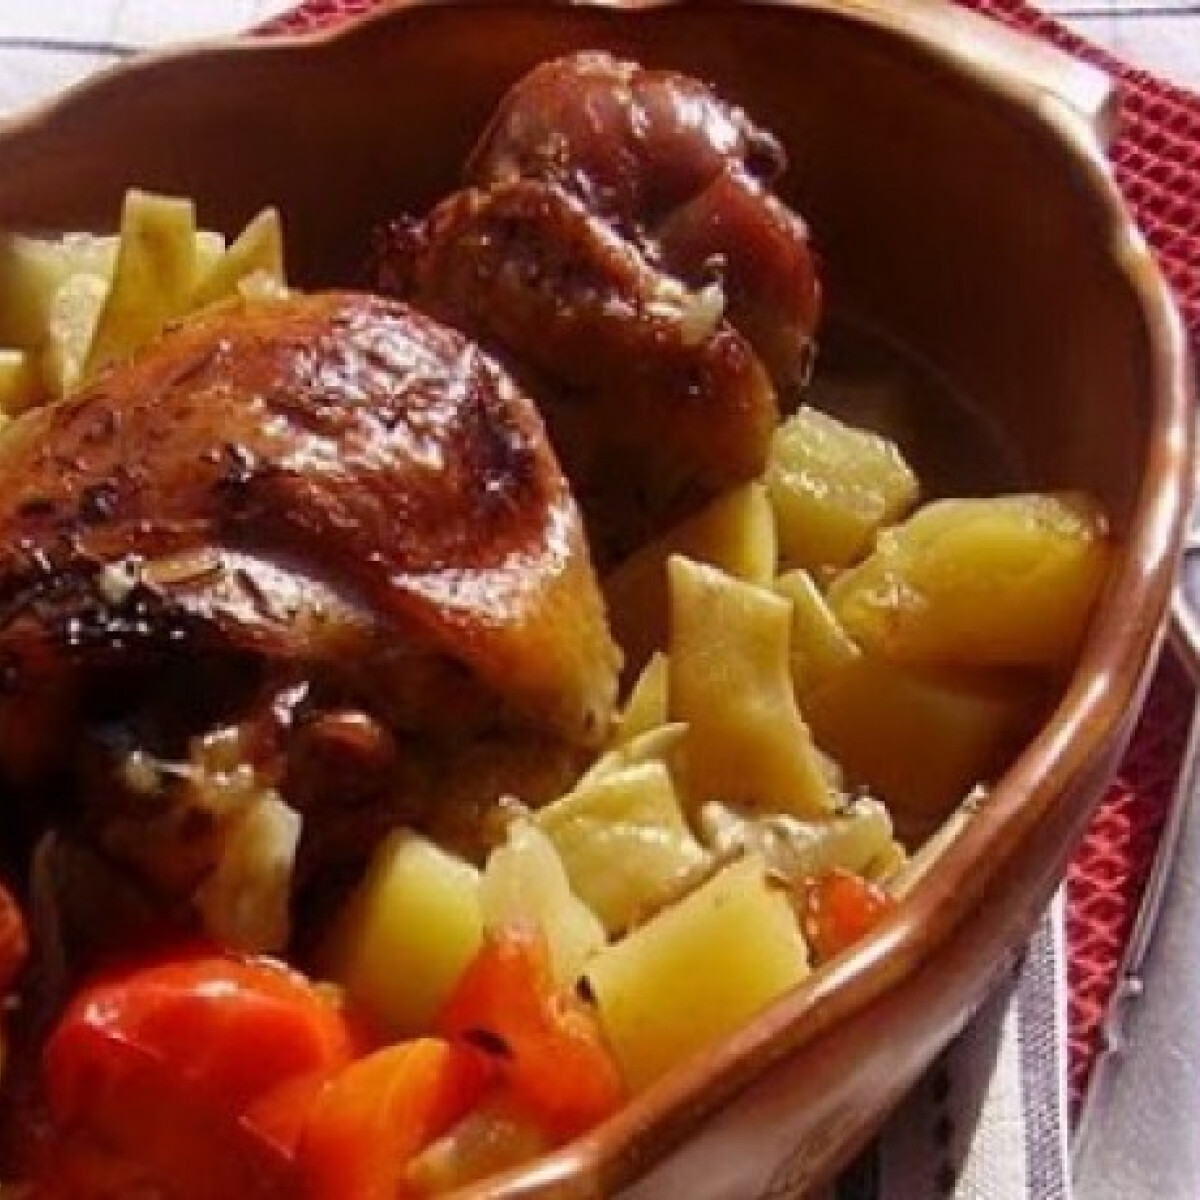 Ezen a képen: Cserépben sült zöldséges-fehérboros csirke